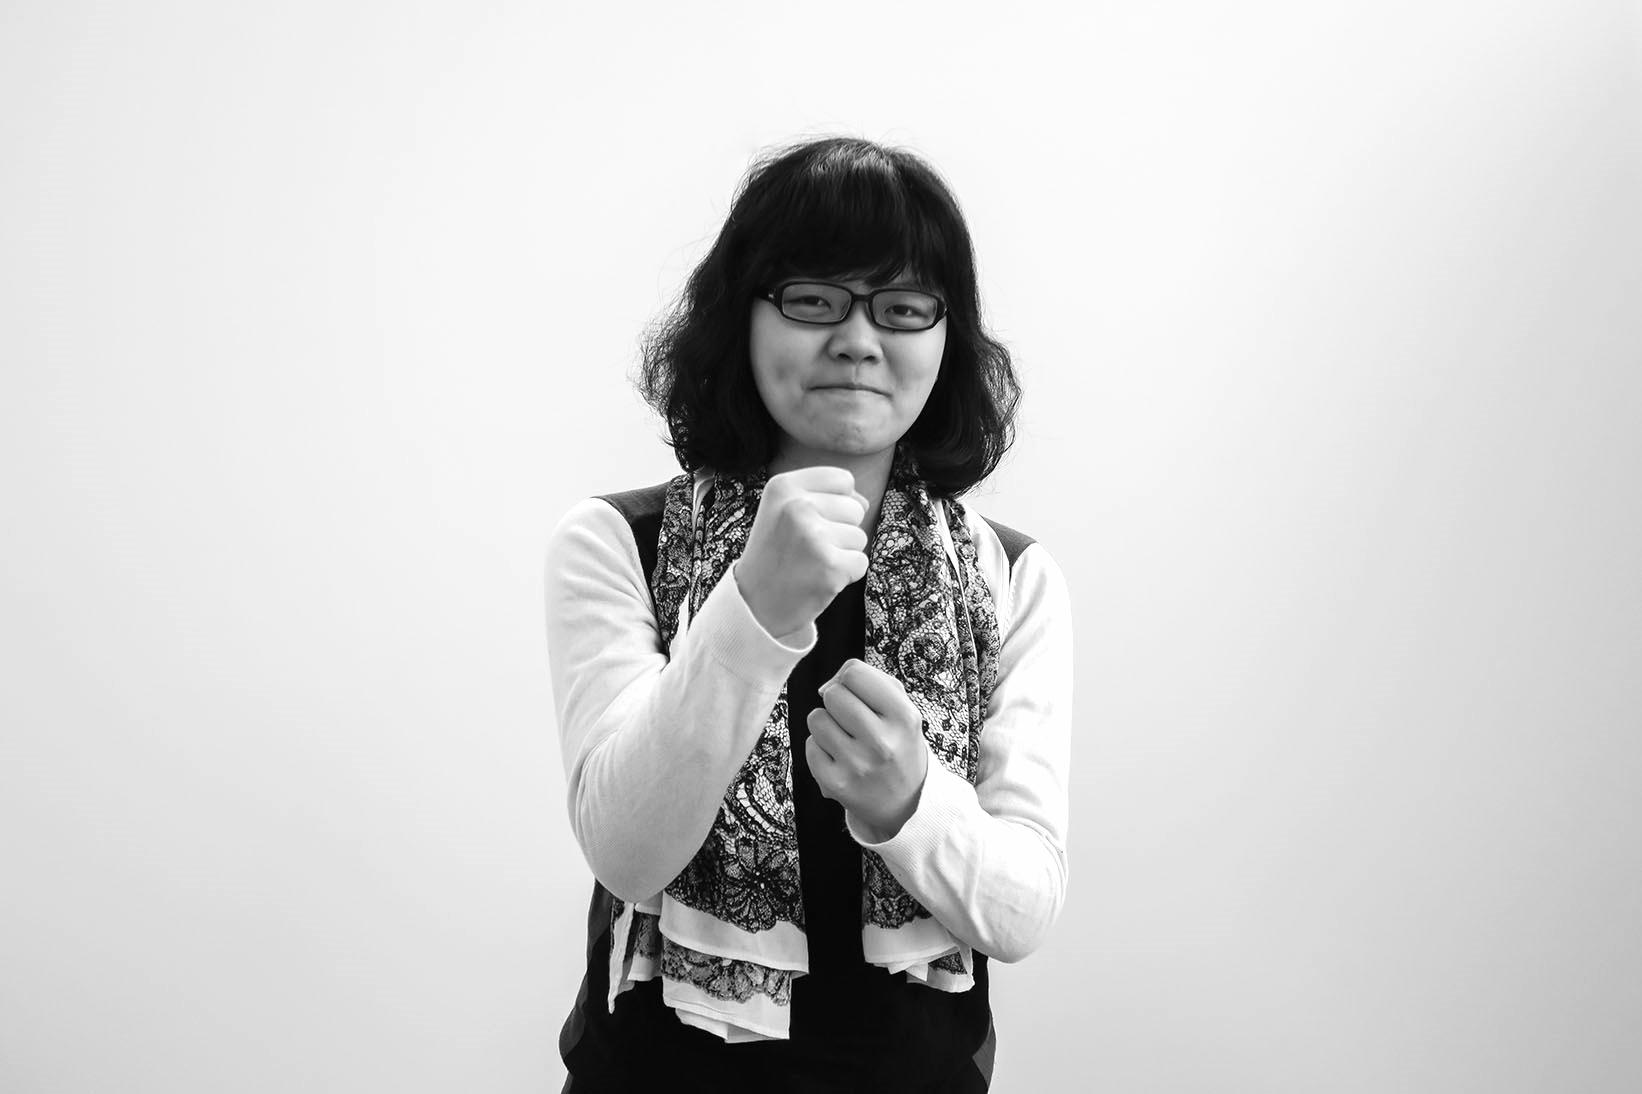 Weiwei Hsu